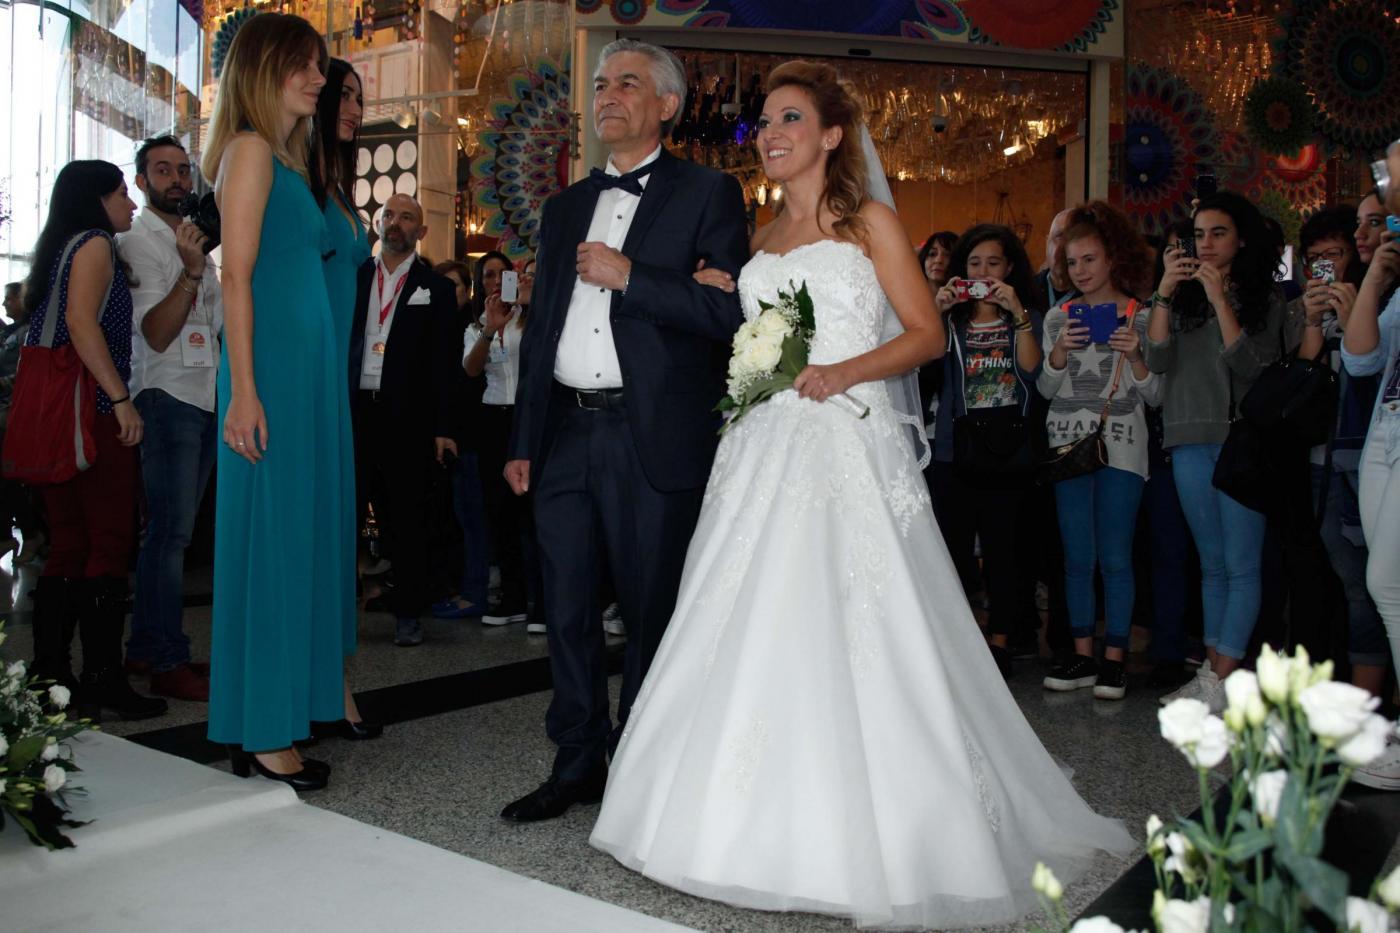 Si sposano nel centro commerciale del primo incontro: è la prima volta in Italia06